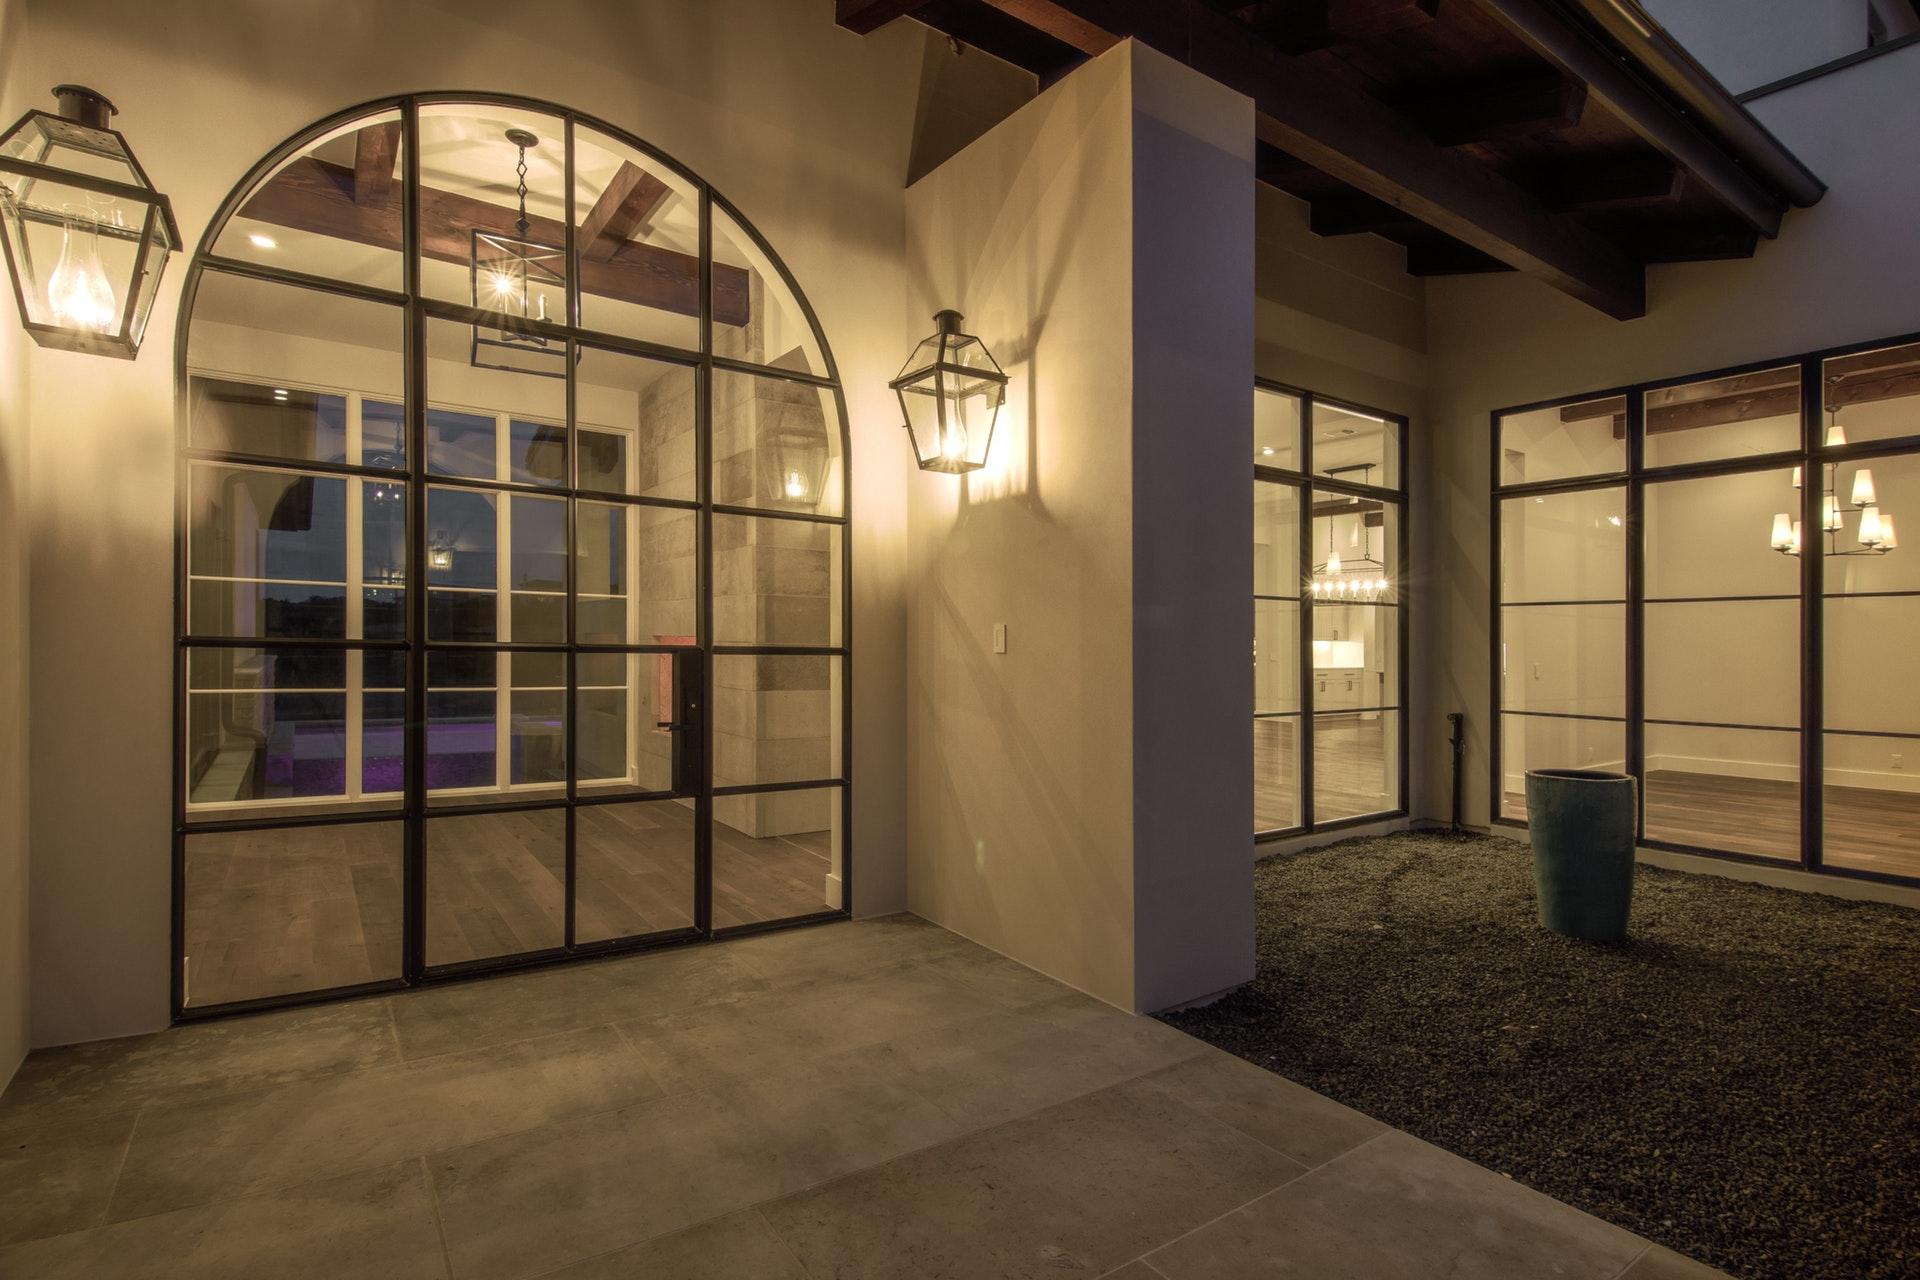 010-296944-5608 Spanish Oaks 074_7213941.jpg